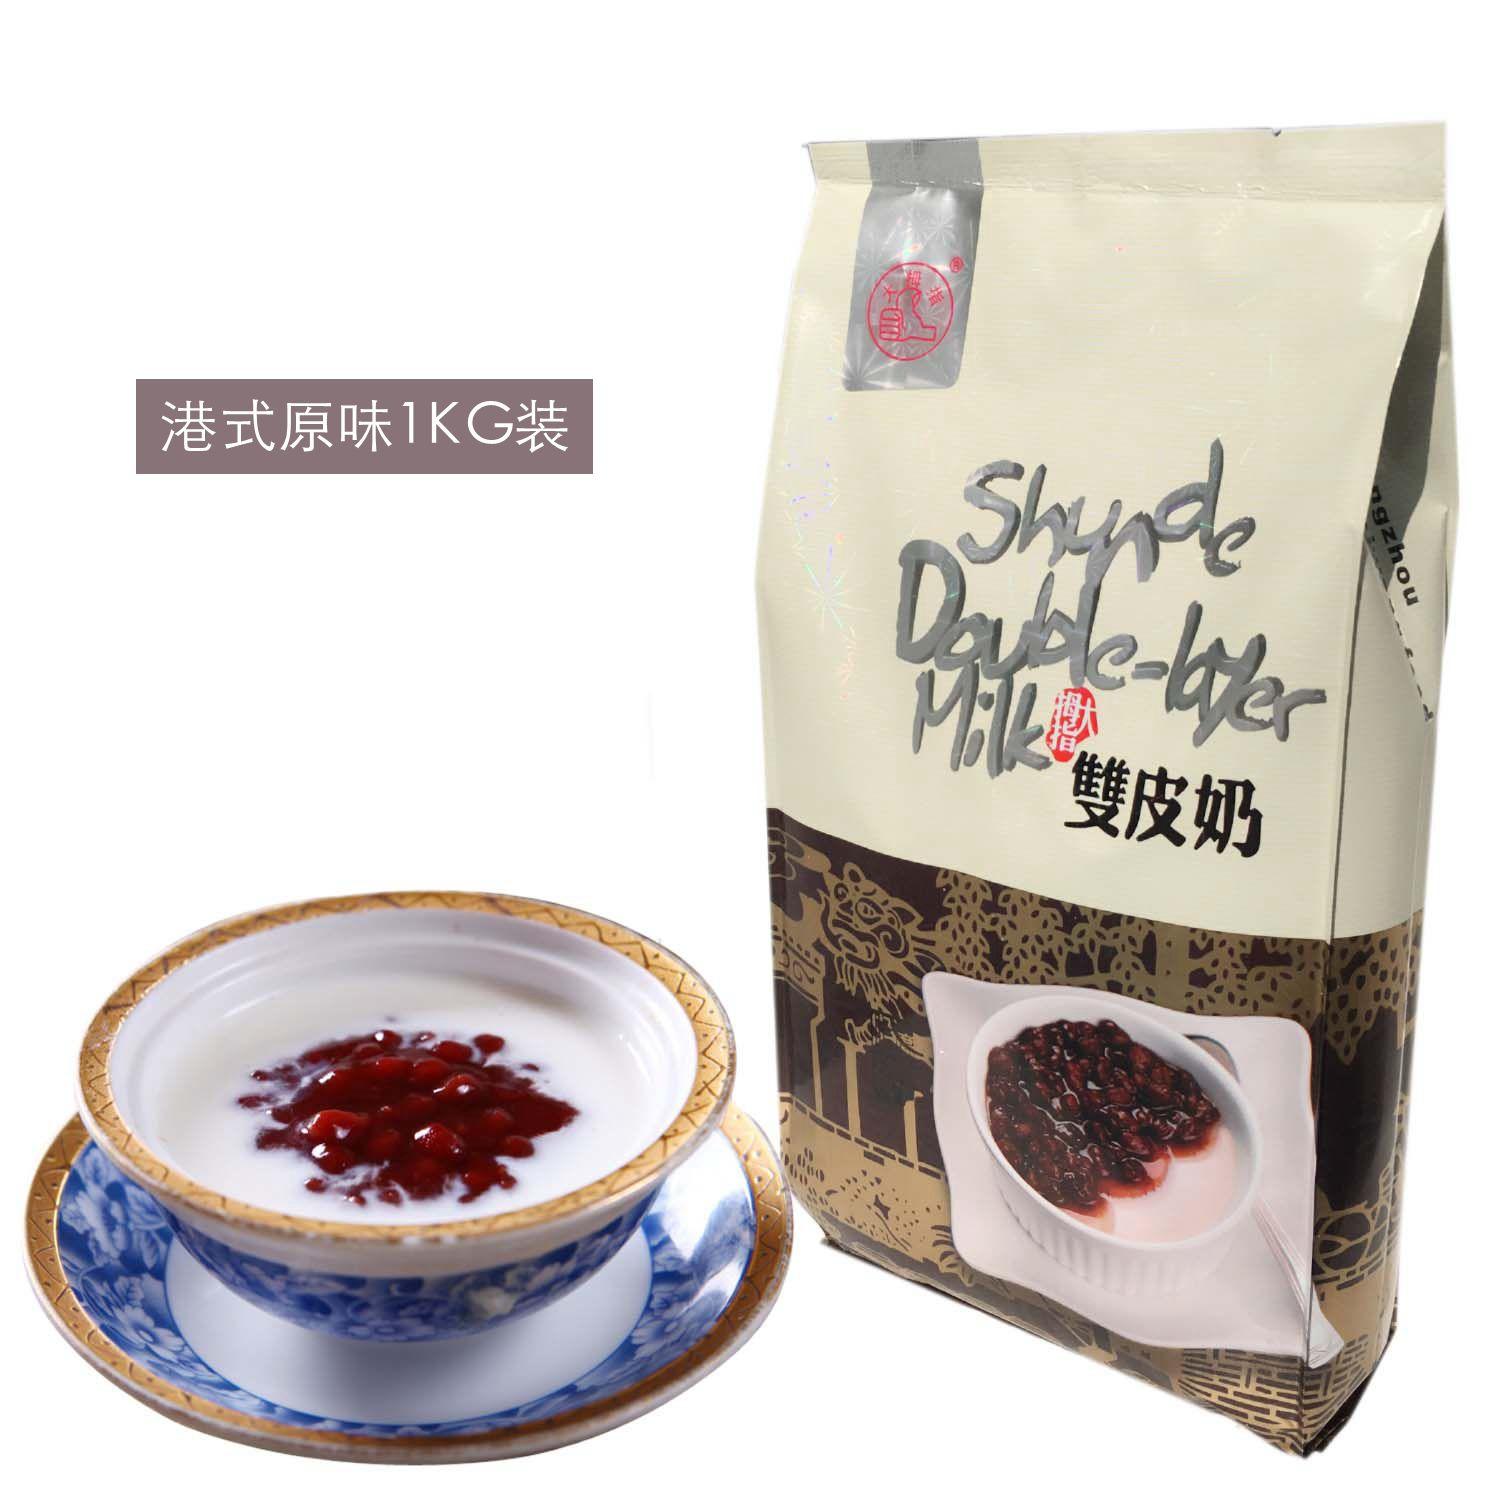 Большой палец двойной кожа сухое молоко порт стиль оригинал двойной кожа молоко 1KG молочный чай сырье бесплатная доставка